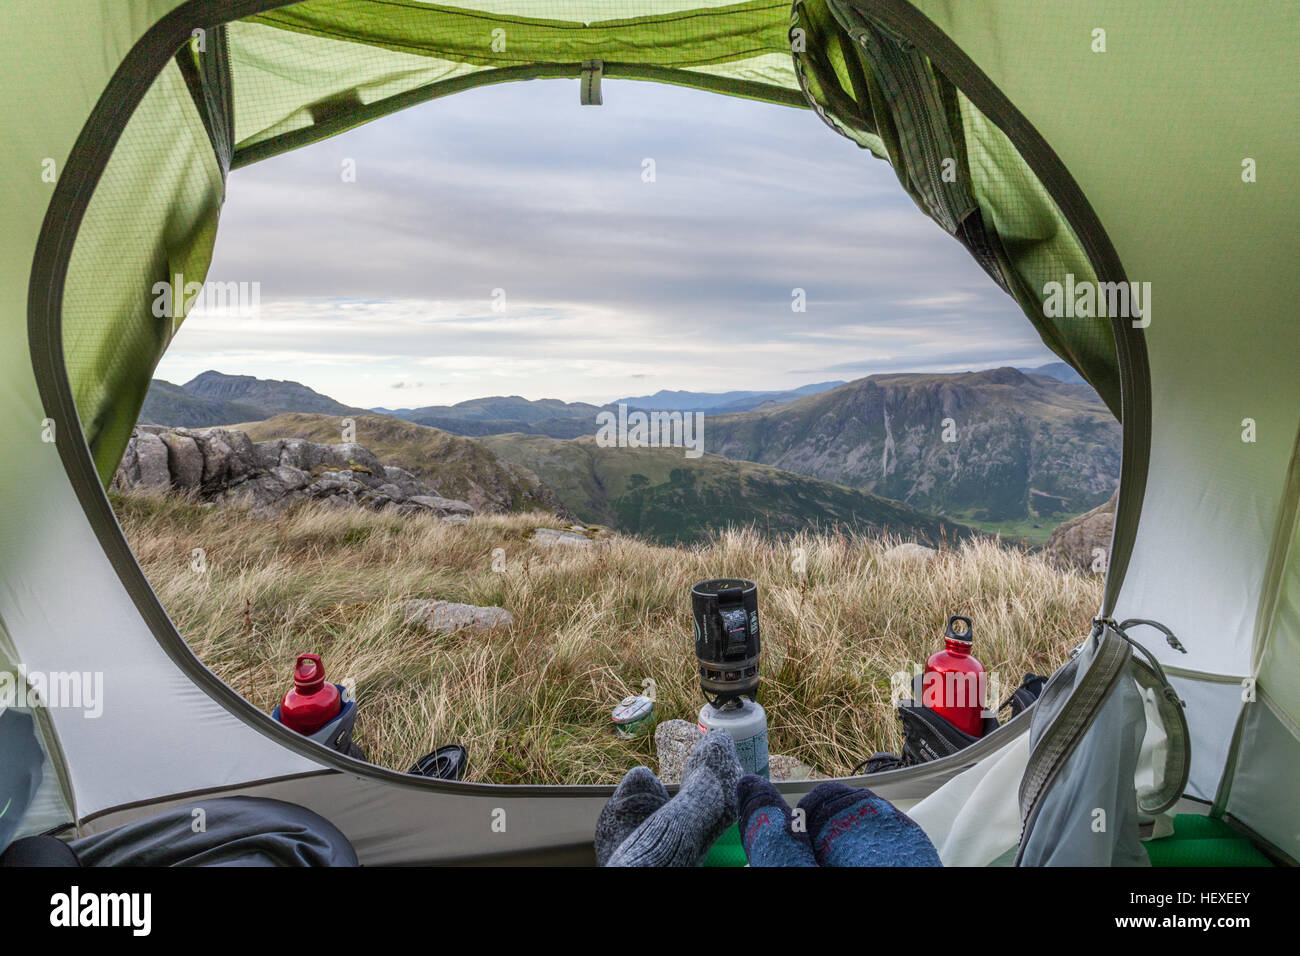 Zimmer mit Aussicht - Wild camping paar paar Füße, Blick aus Zelt Veranda, Langdale Pikes im englischen Lake District Stockfoto